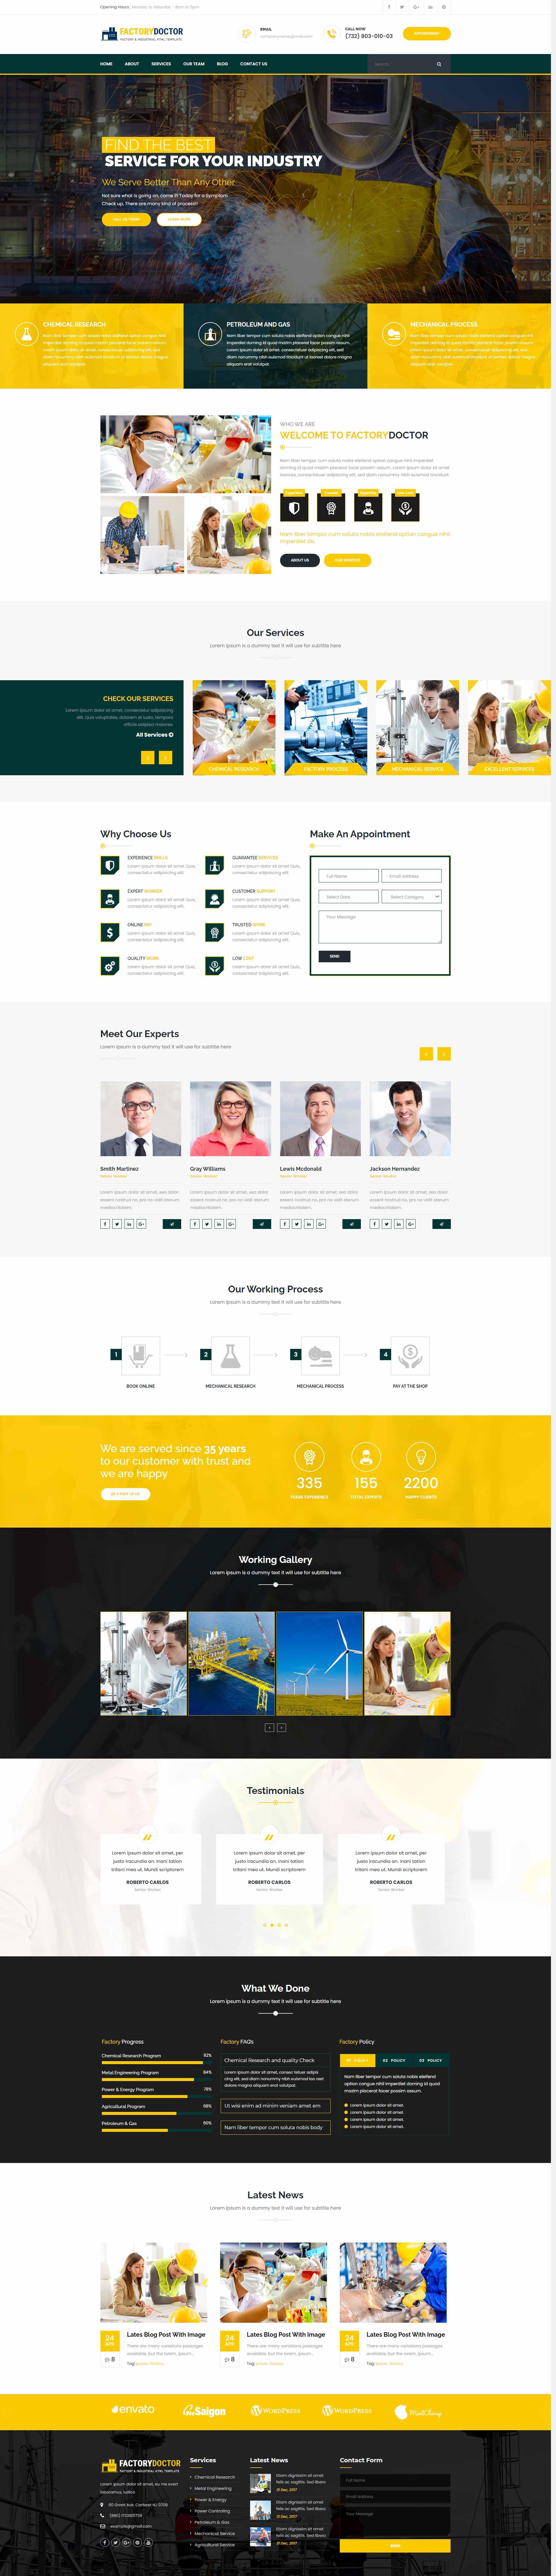 黄色大气的工业生产行业网站模板html下载